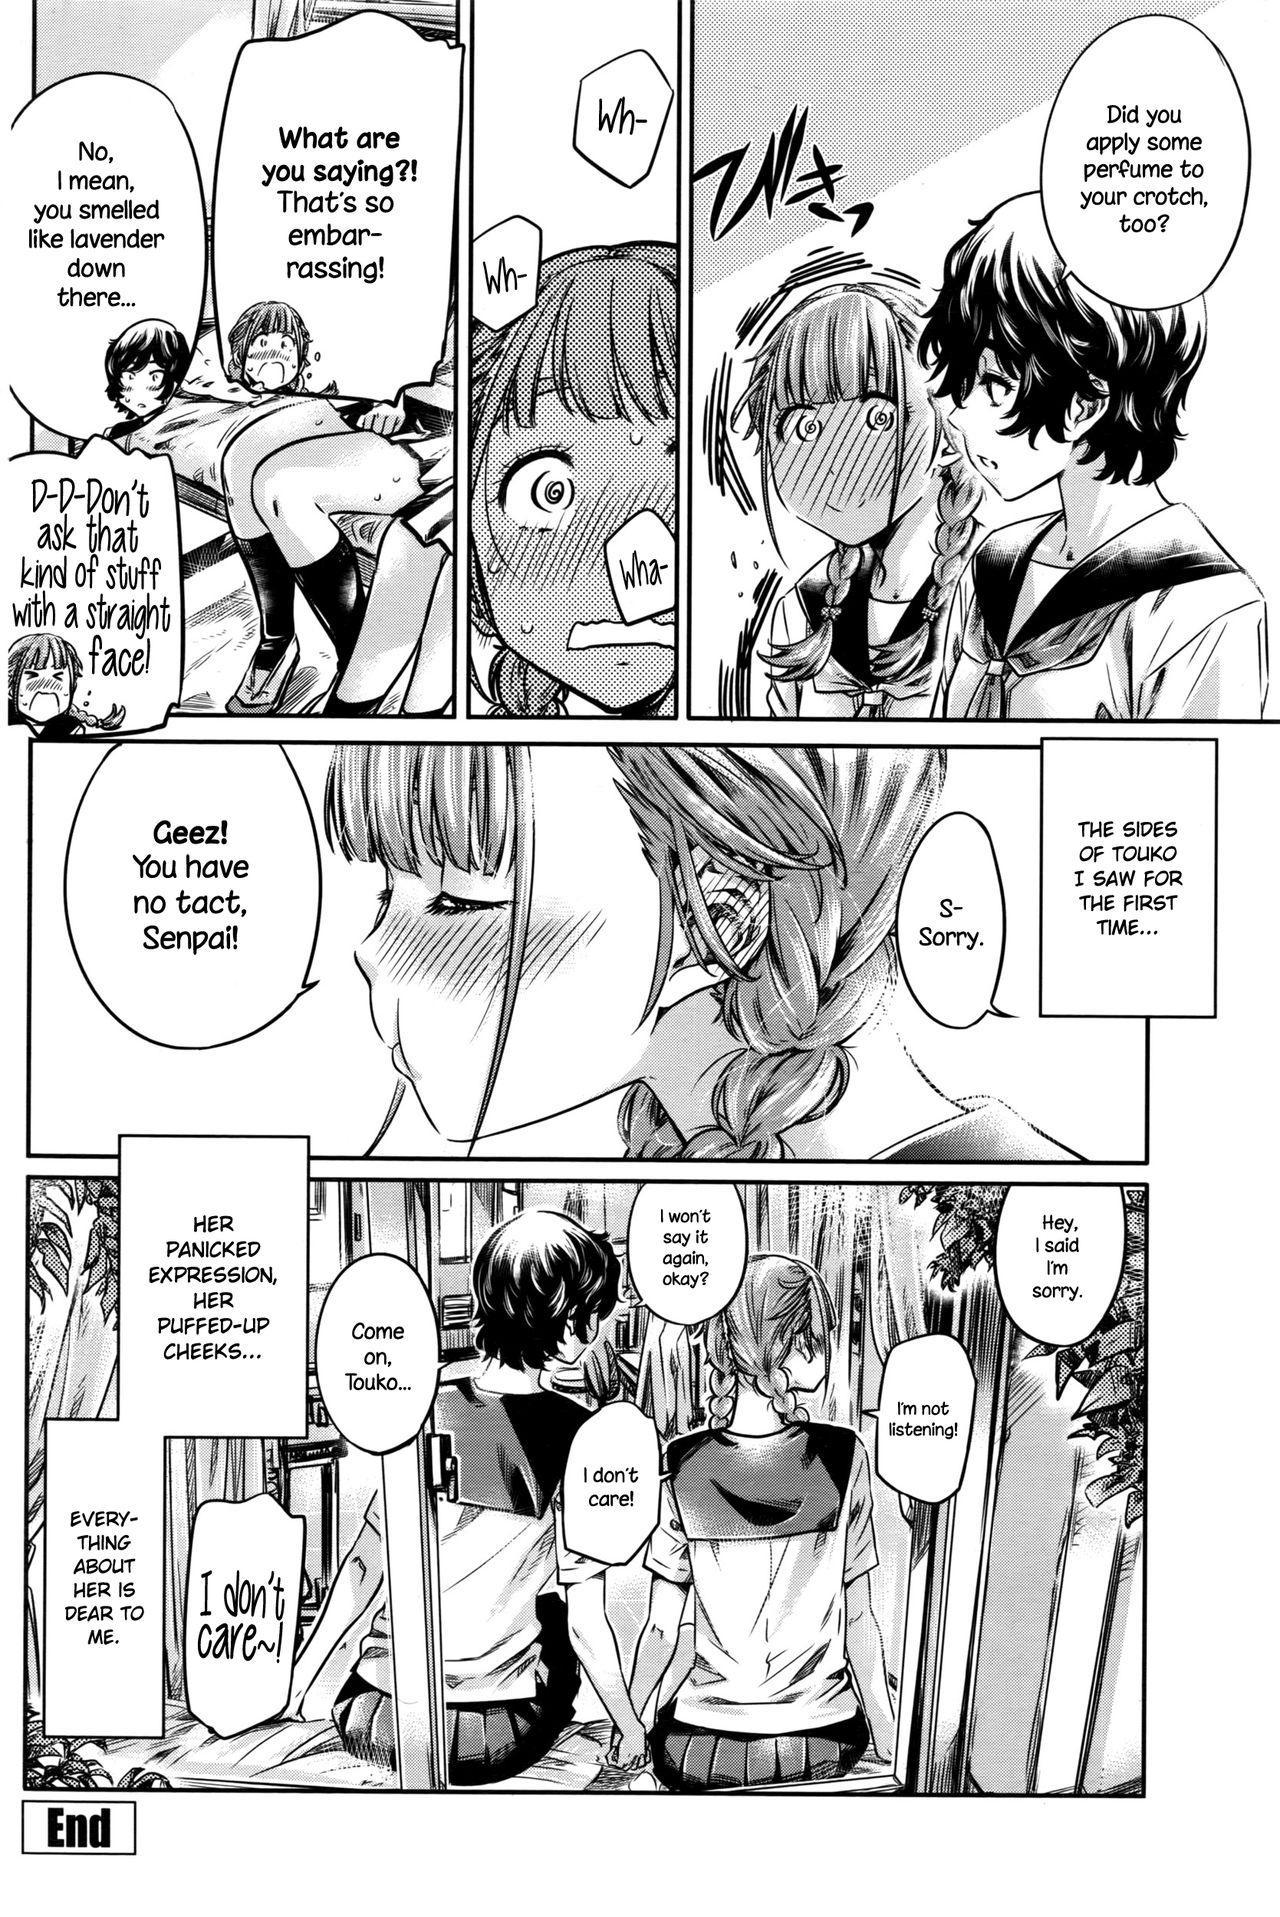 Ojou-sama no Kuchizuke de Shoujo wa Me o Samasu | The Girl Awakens With a Kiss From the Princess 39